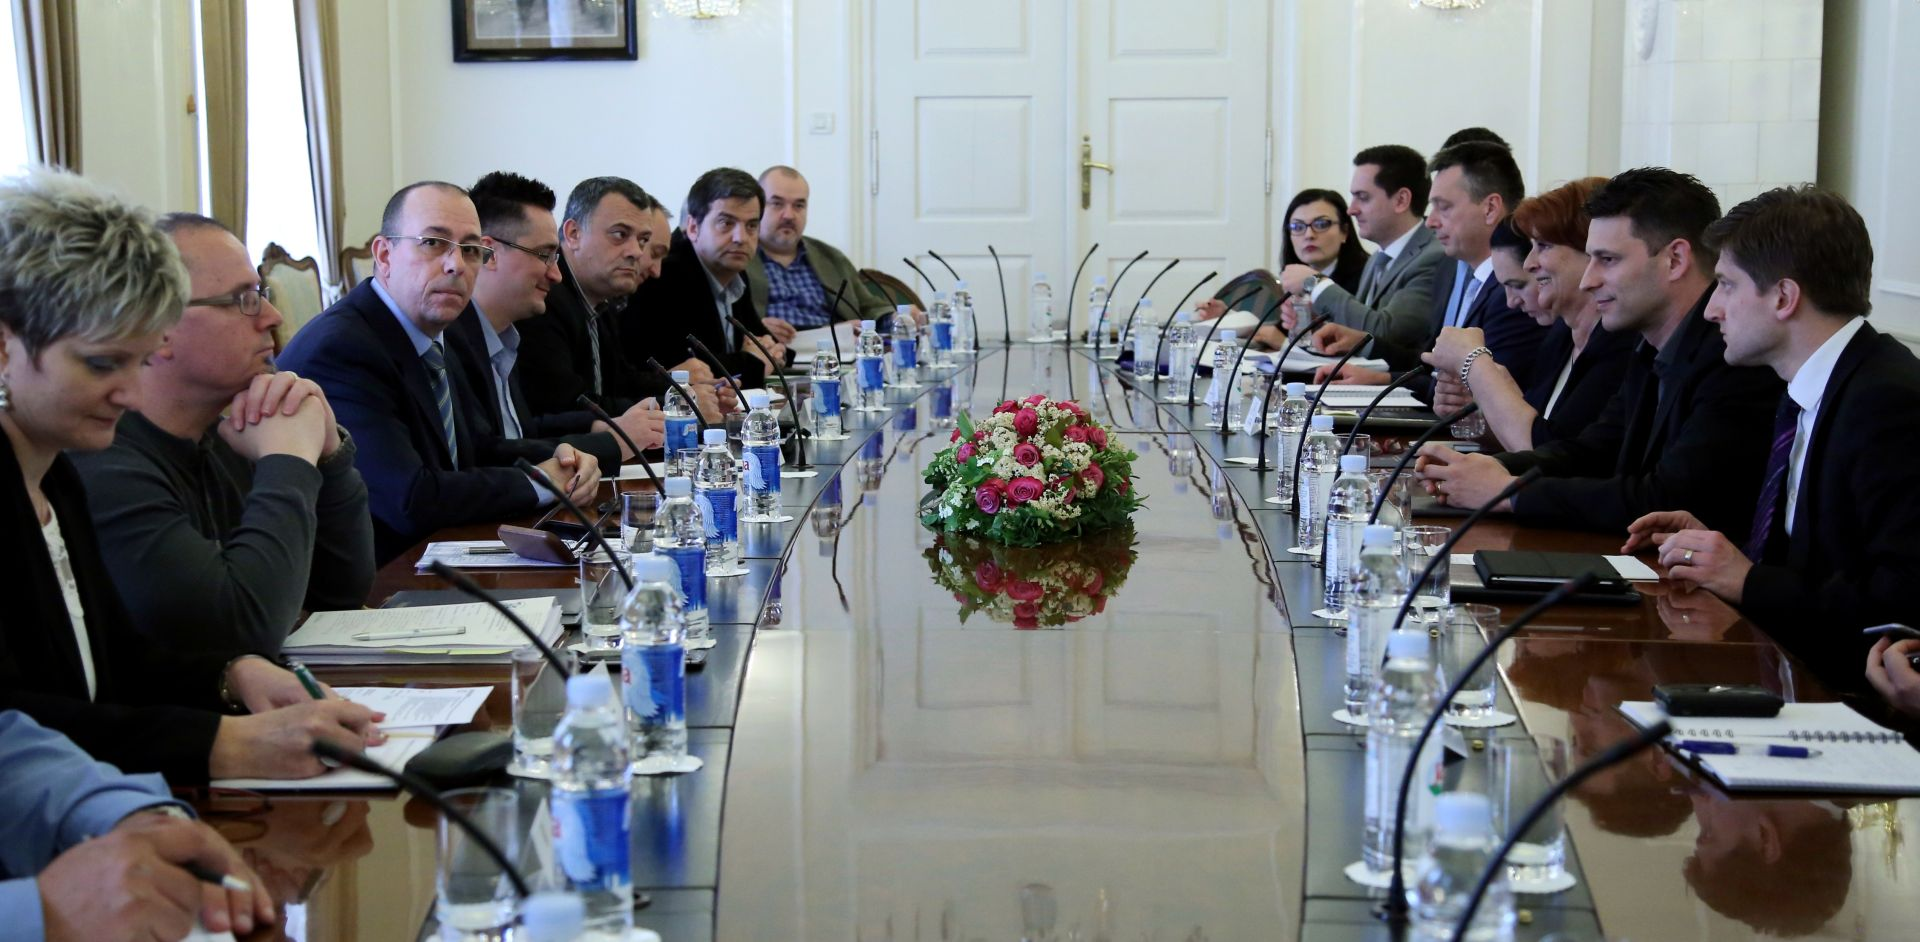 SINDIKAT: 'Marić obećao automatski rast osnovice, a sada nudi razgovore o sporazumu'